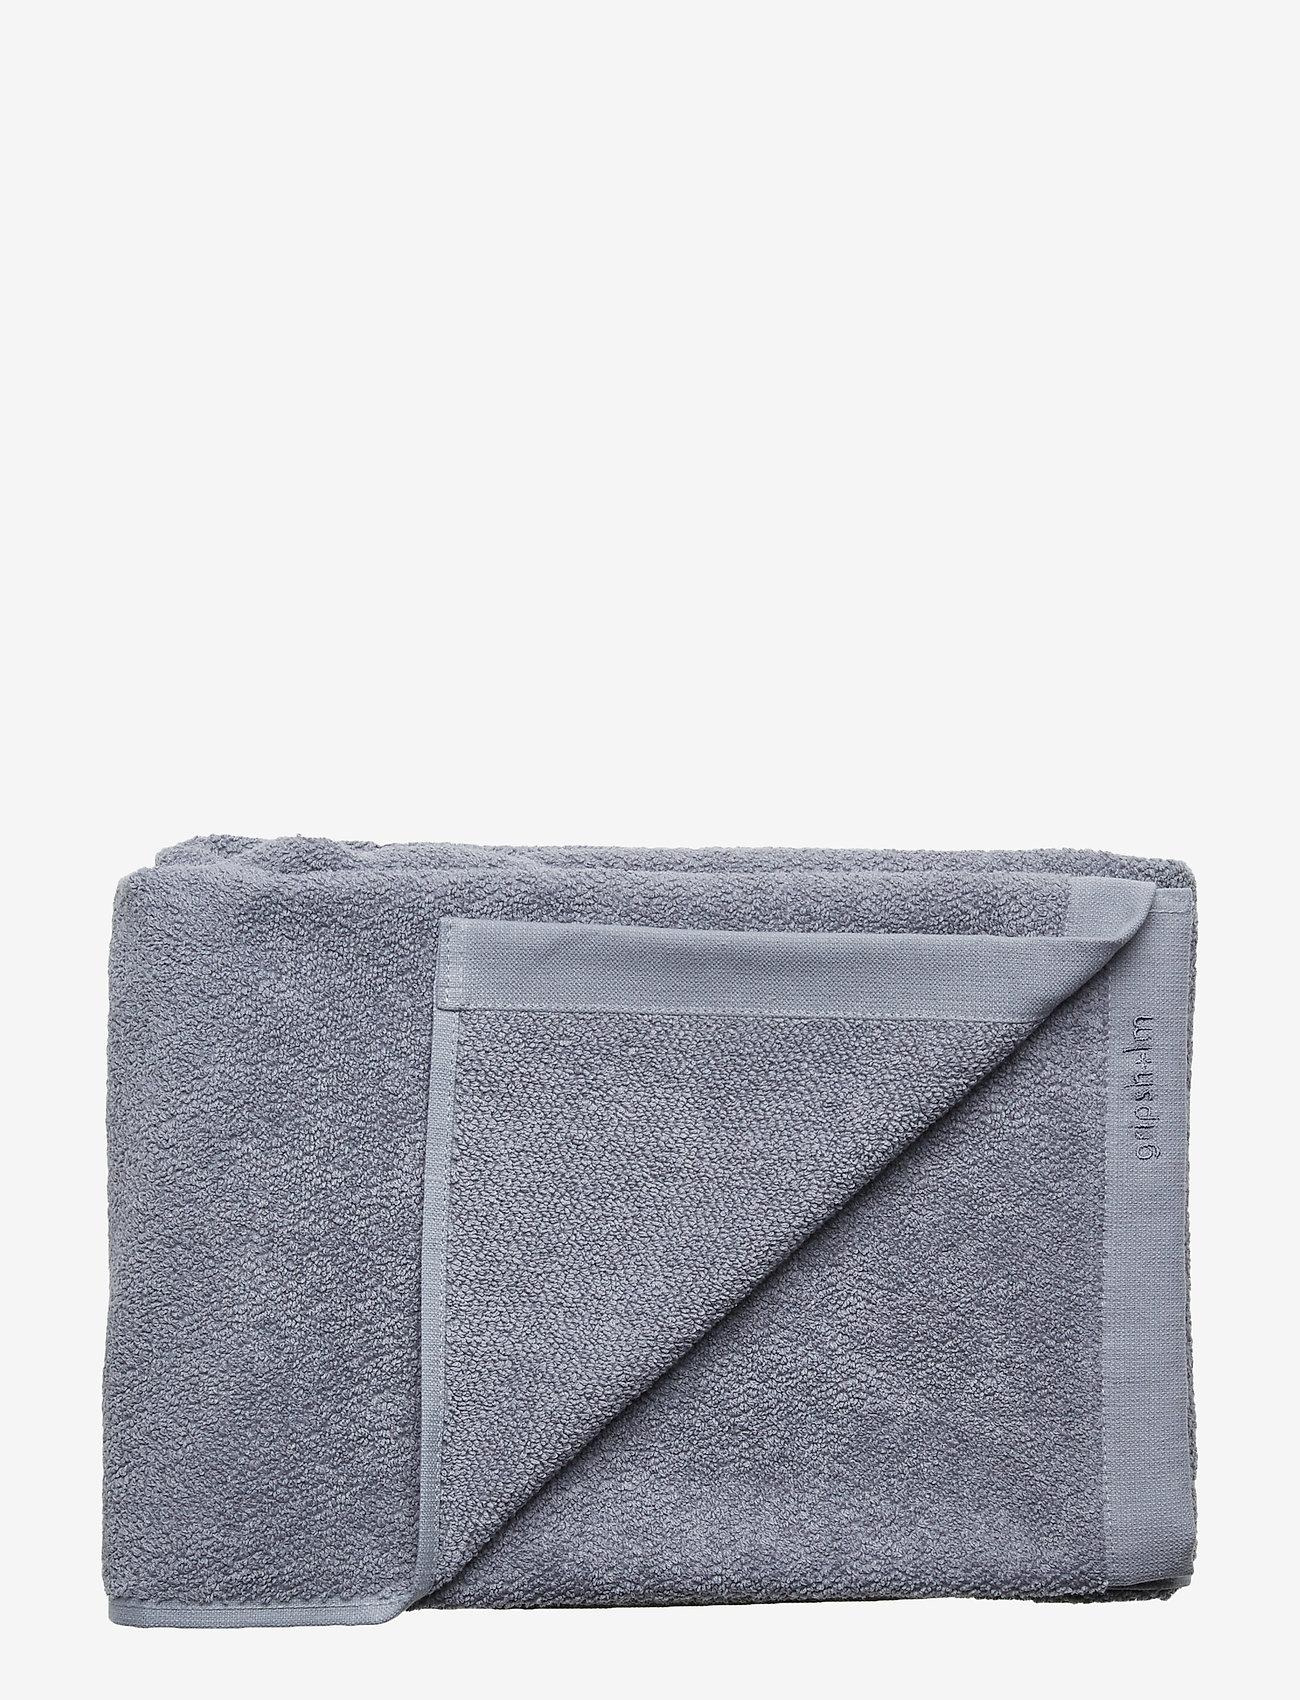 Gripsholm - BATH TOWEL COTTON LINEN - towels - blue winds - 0